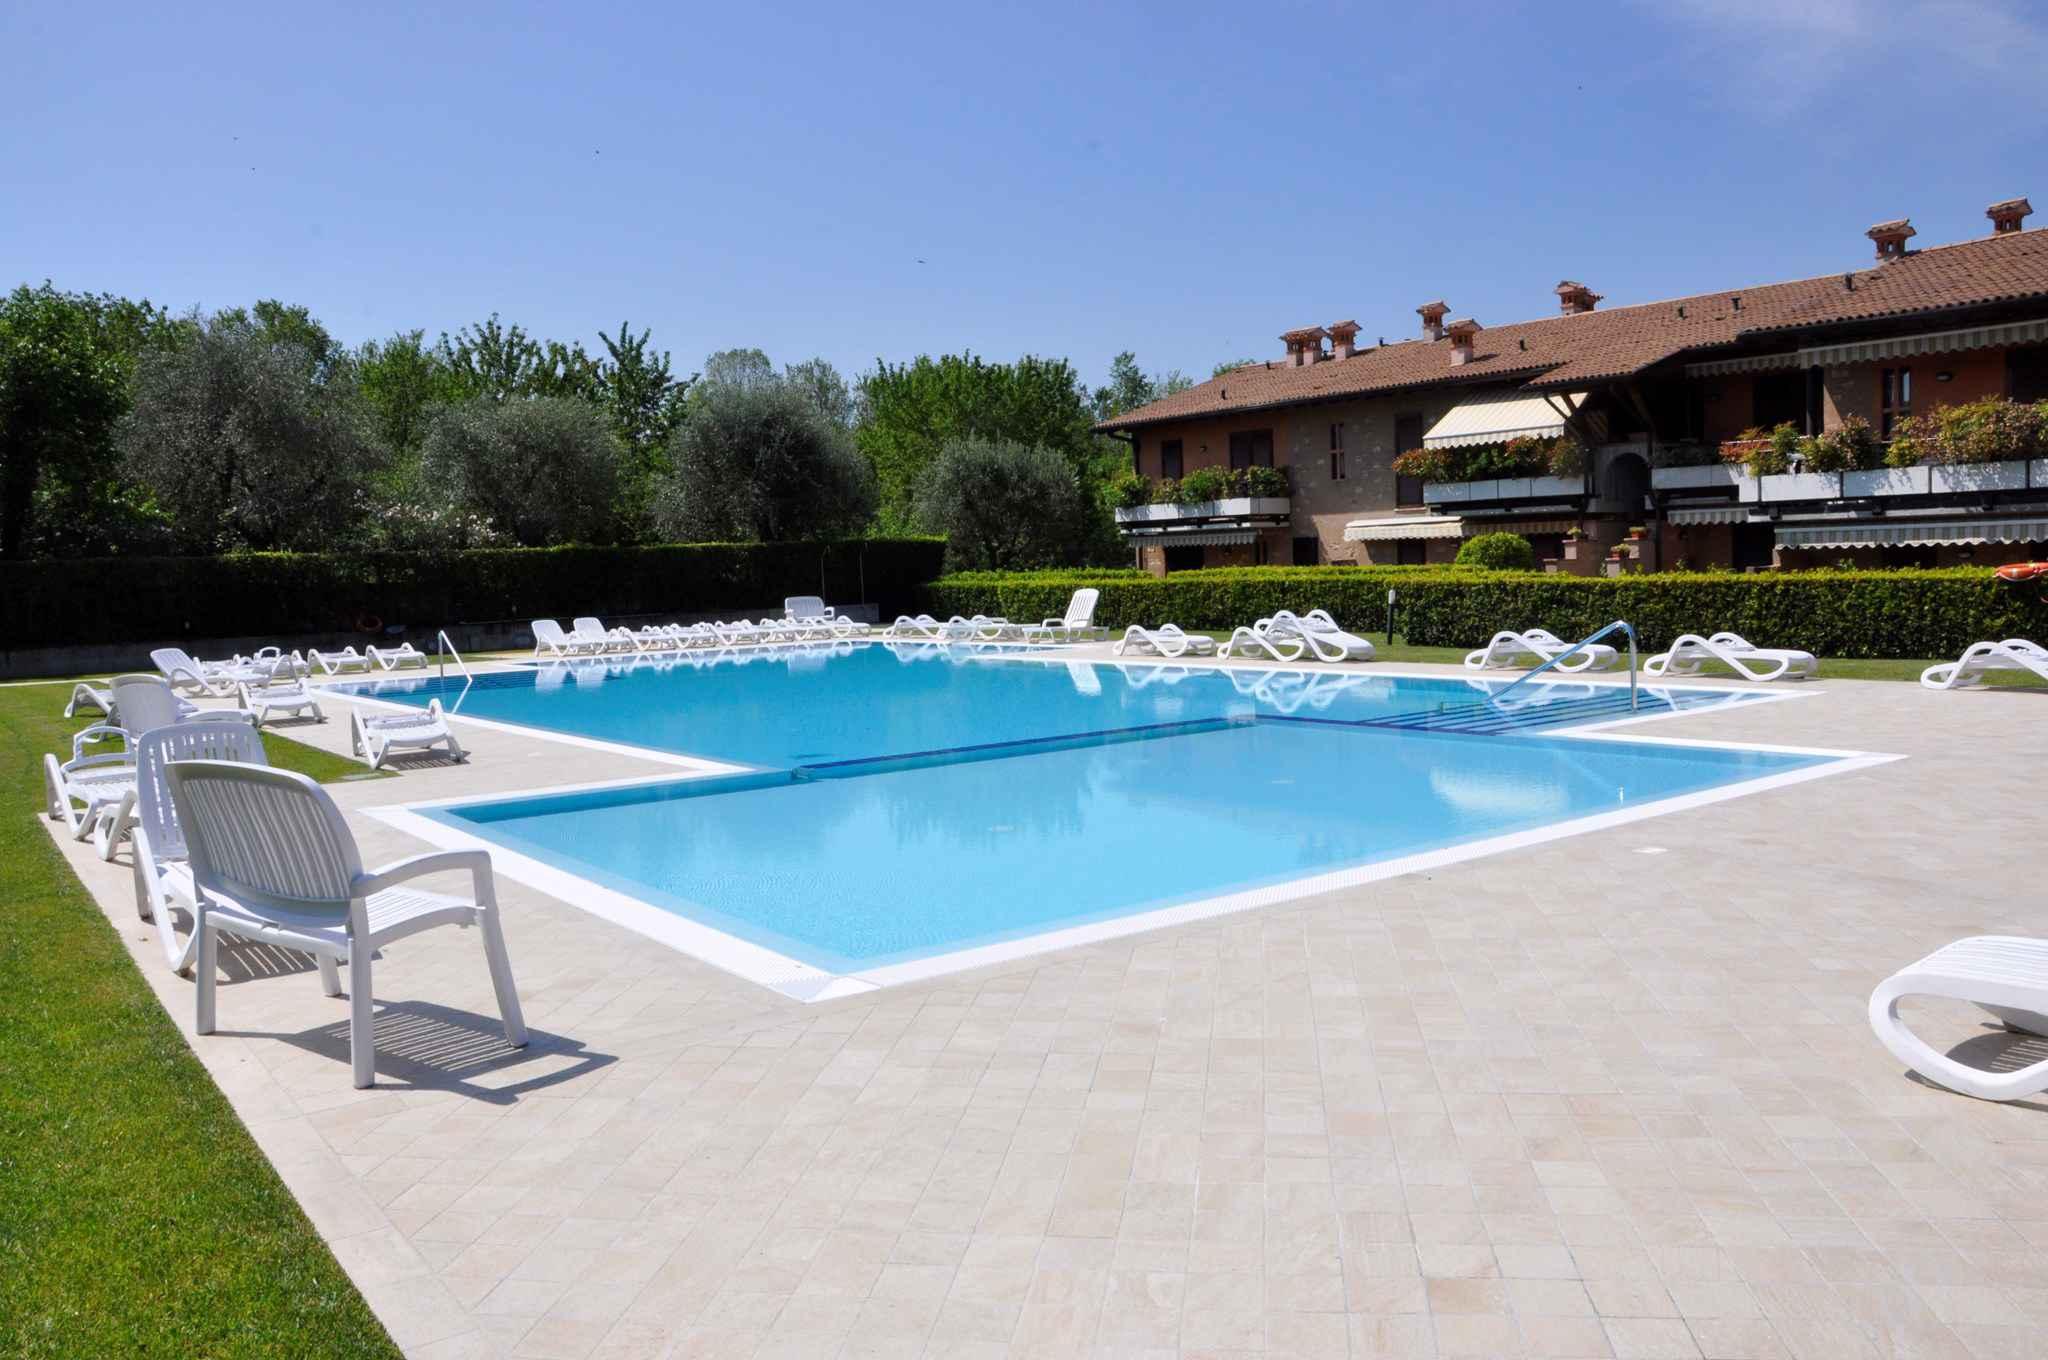 Ferienwohnung con piscina (377442), Lazise, Gardasee, Venetien, Italien, Bild 11